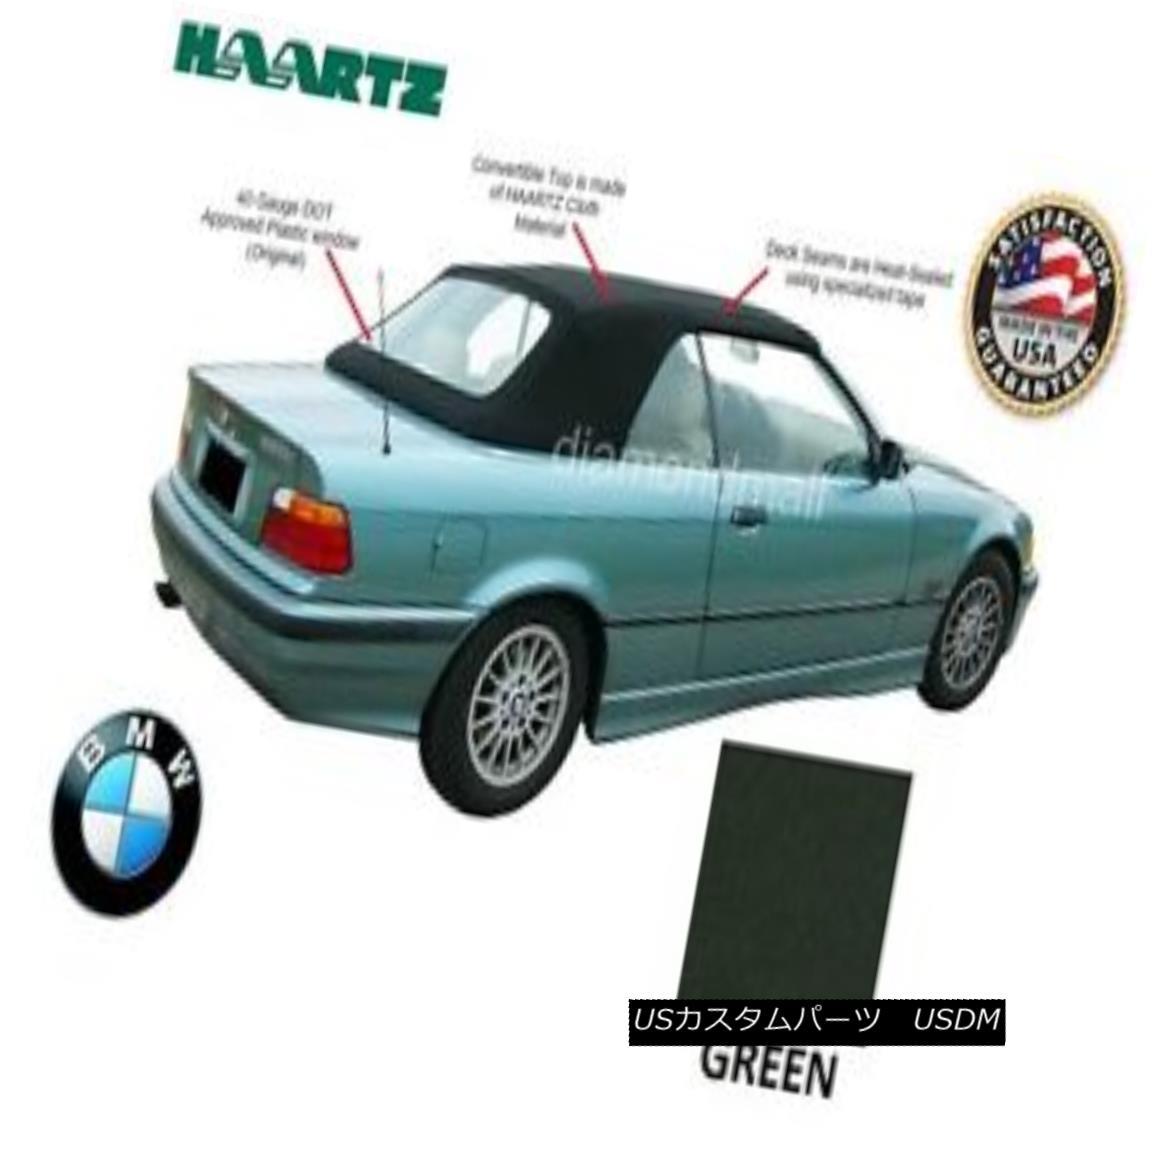 幌・ソフトトップ BMW E36 3-Series Convertible Soft Top 1994-1999 GREEN Twillfast factory material BMW E36 3シリーズコンバーチブルソフトトップ1994-1999グリーントゥツーファーストファクトリー素材